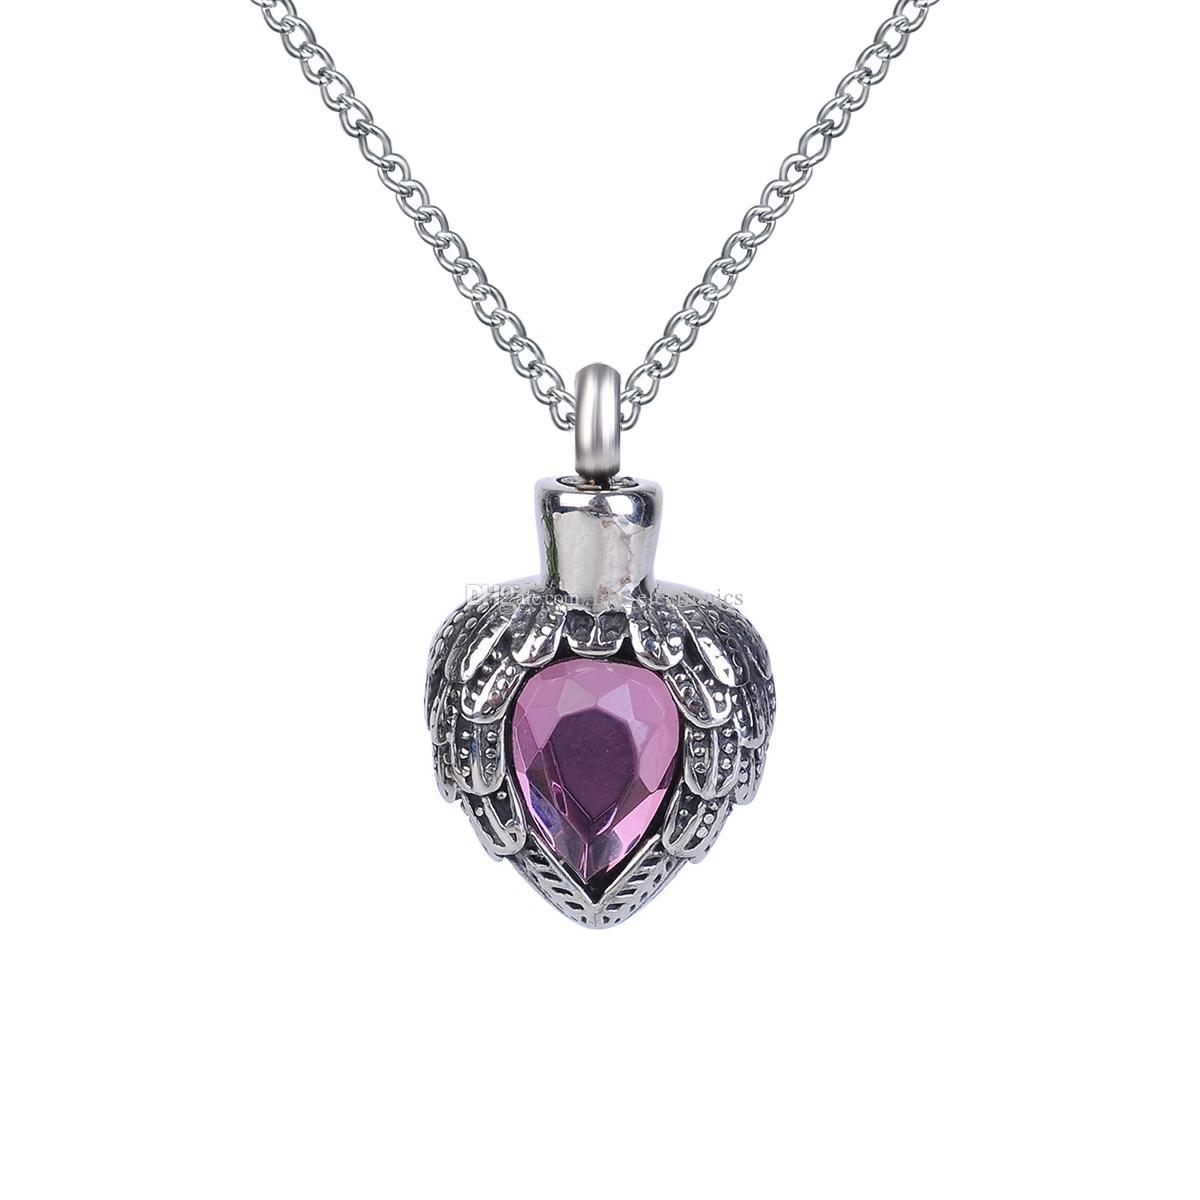 Лилия кремации ювелирные изделия фиолетовый камень сердце урна ожерелье мемориальный пепел память кулон с Мешок подарка воронка и цепи